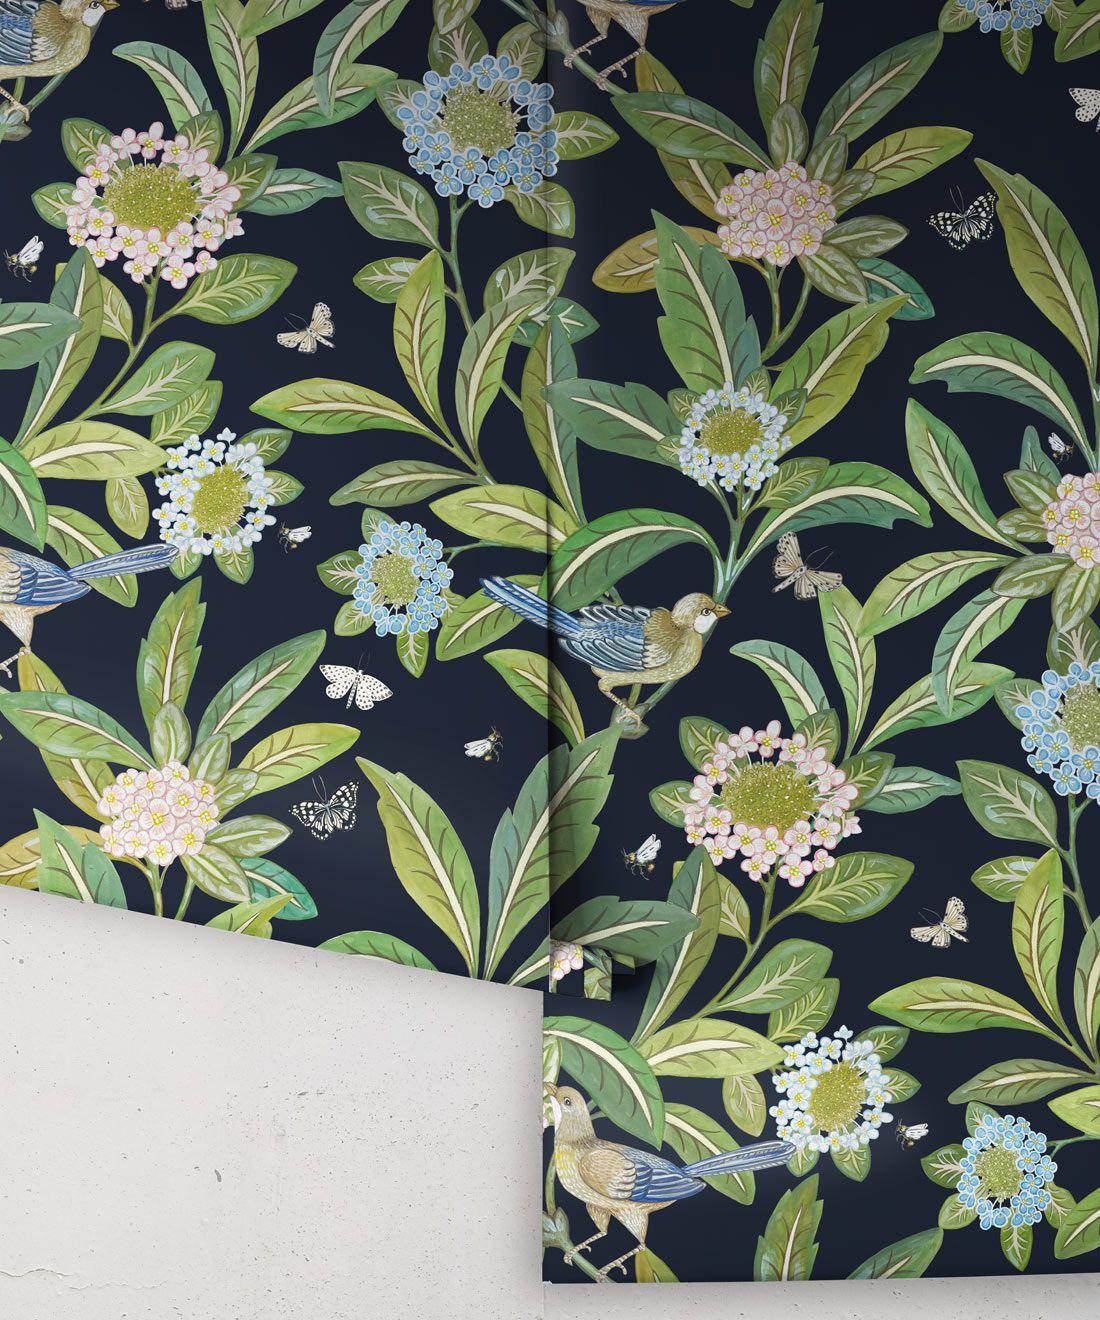 Summer Garden Wallpaper • Original Wallpaper • Floral Wallpaper Rolls